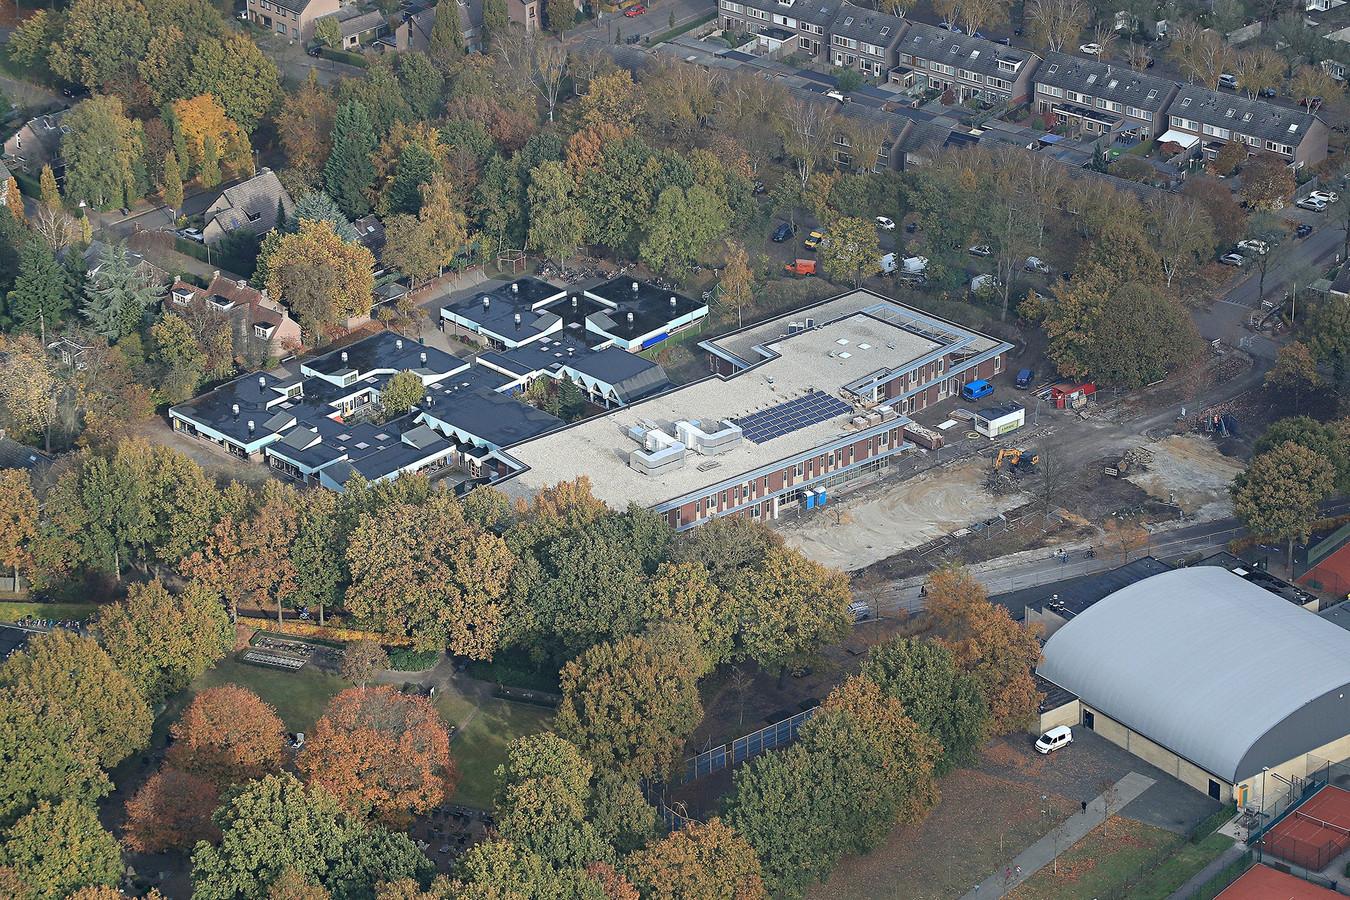 De plek waar het nieuwe gezondheidscentrum in Waalre-dorp eind 2020 moet verrijzen: binnen de driehoek van bomen in het midden onderaan op de foto.